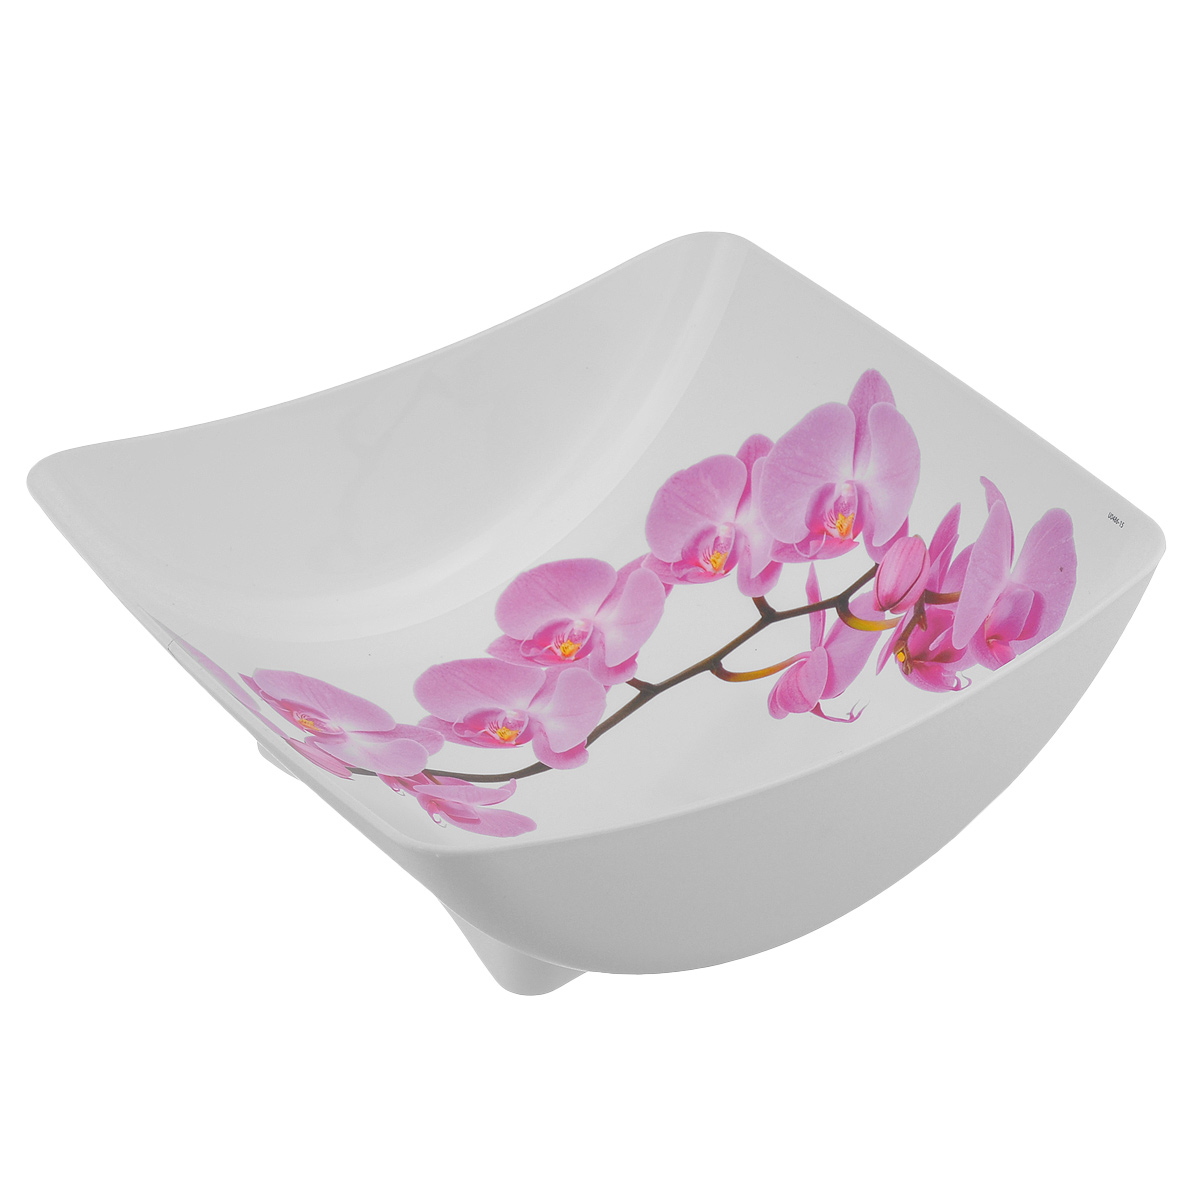 Салатник Idea Деко. Орхидея, квадратный, 2 л115510Салатник Idea Орхидея изготовлен из высококачественного полипропилена и идеально подходит для сервировки стола. Такой салатник не только украсит ваш кухонный стол и подчеркнет прекрасный вкус хозяйки, но и станет отличным подарком. Можно мыть в посудомоечной машине. Размер салатника (по верхнему краю): 23,5 см х 21,5 см. Высота салатника: 8,5 см. Объем салатника: 2 л.